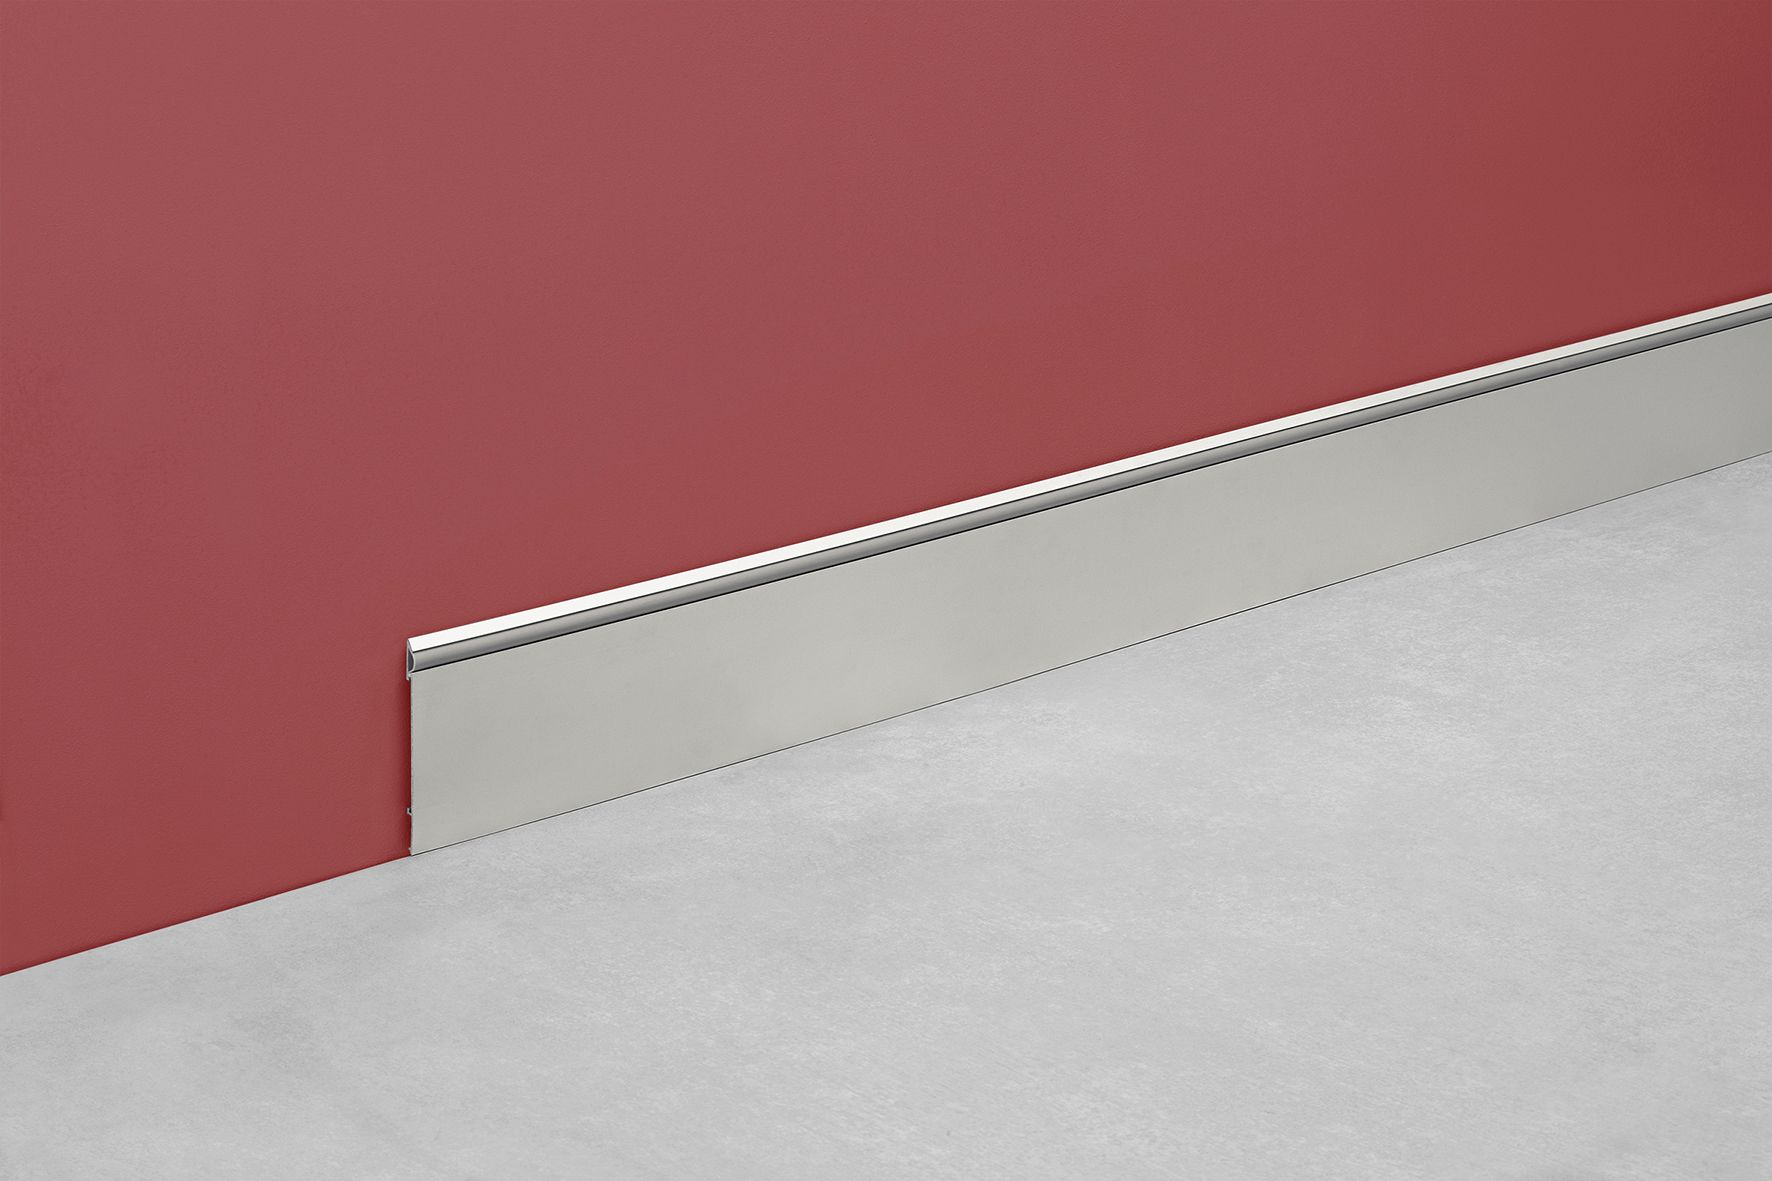 Z calo deco delgado y liviano material aluminio anodizado altura 100mm color gris - Zocalos de aluminio para cocinas ...